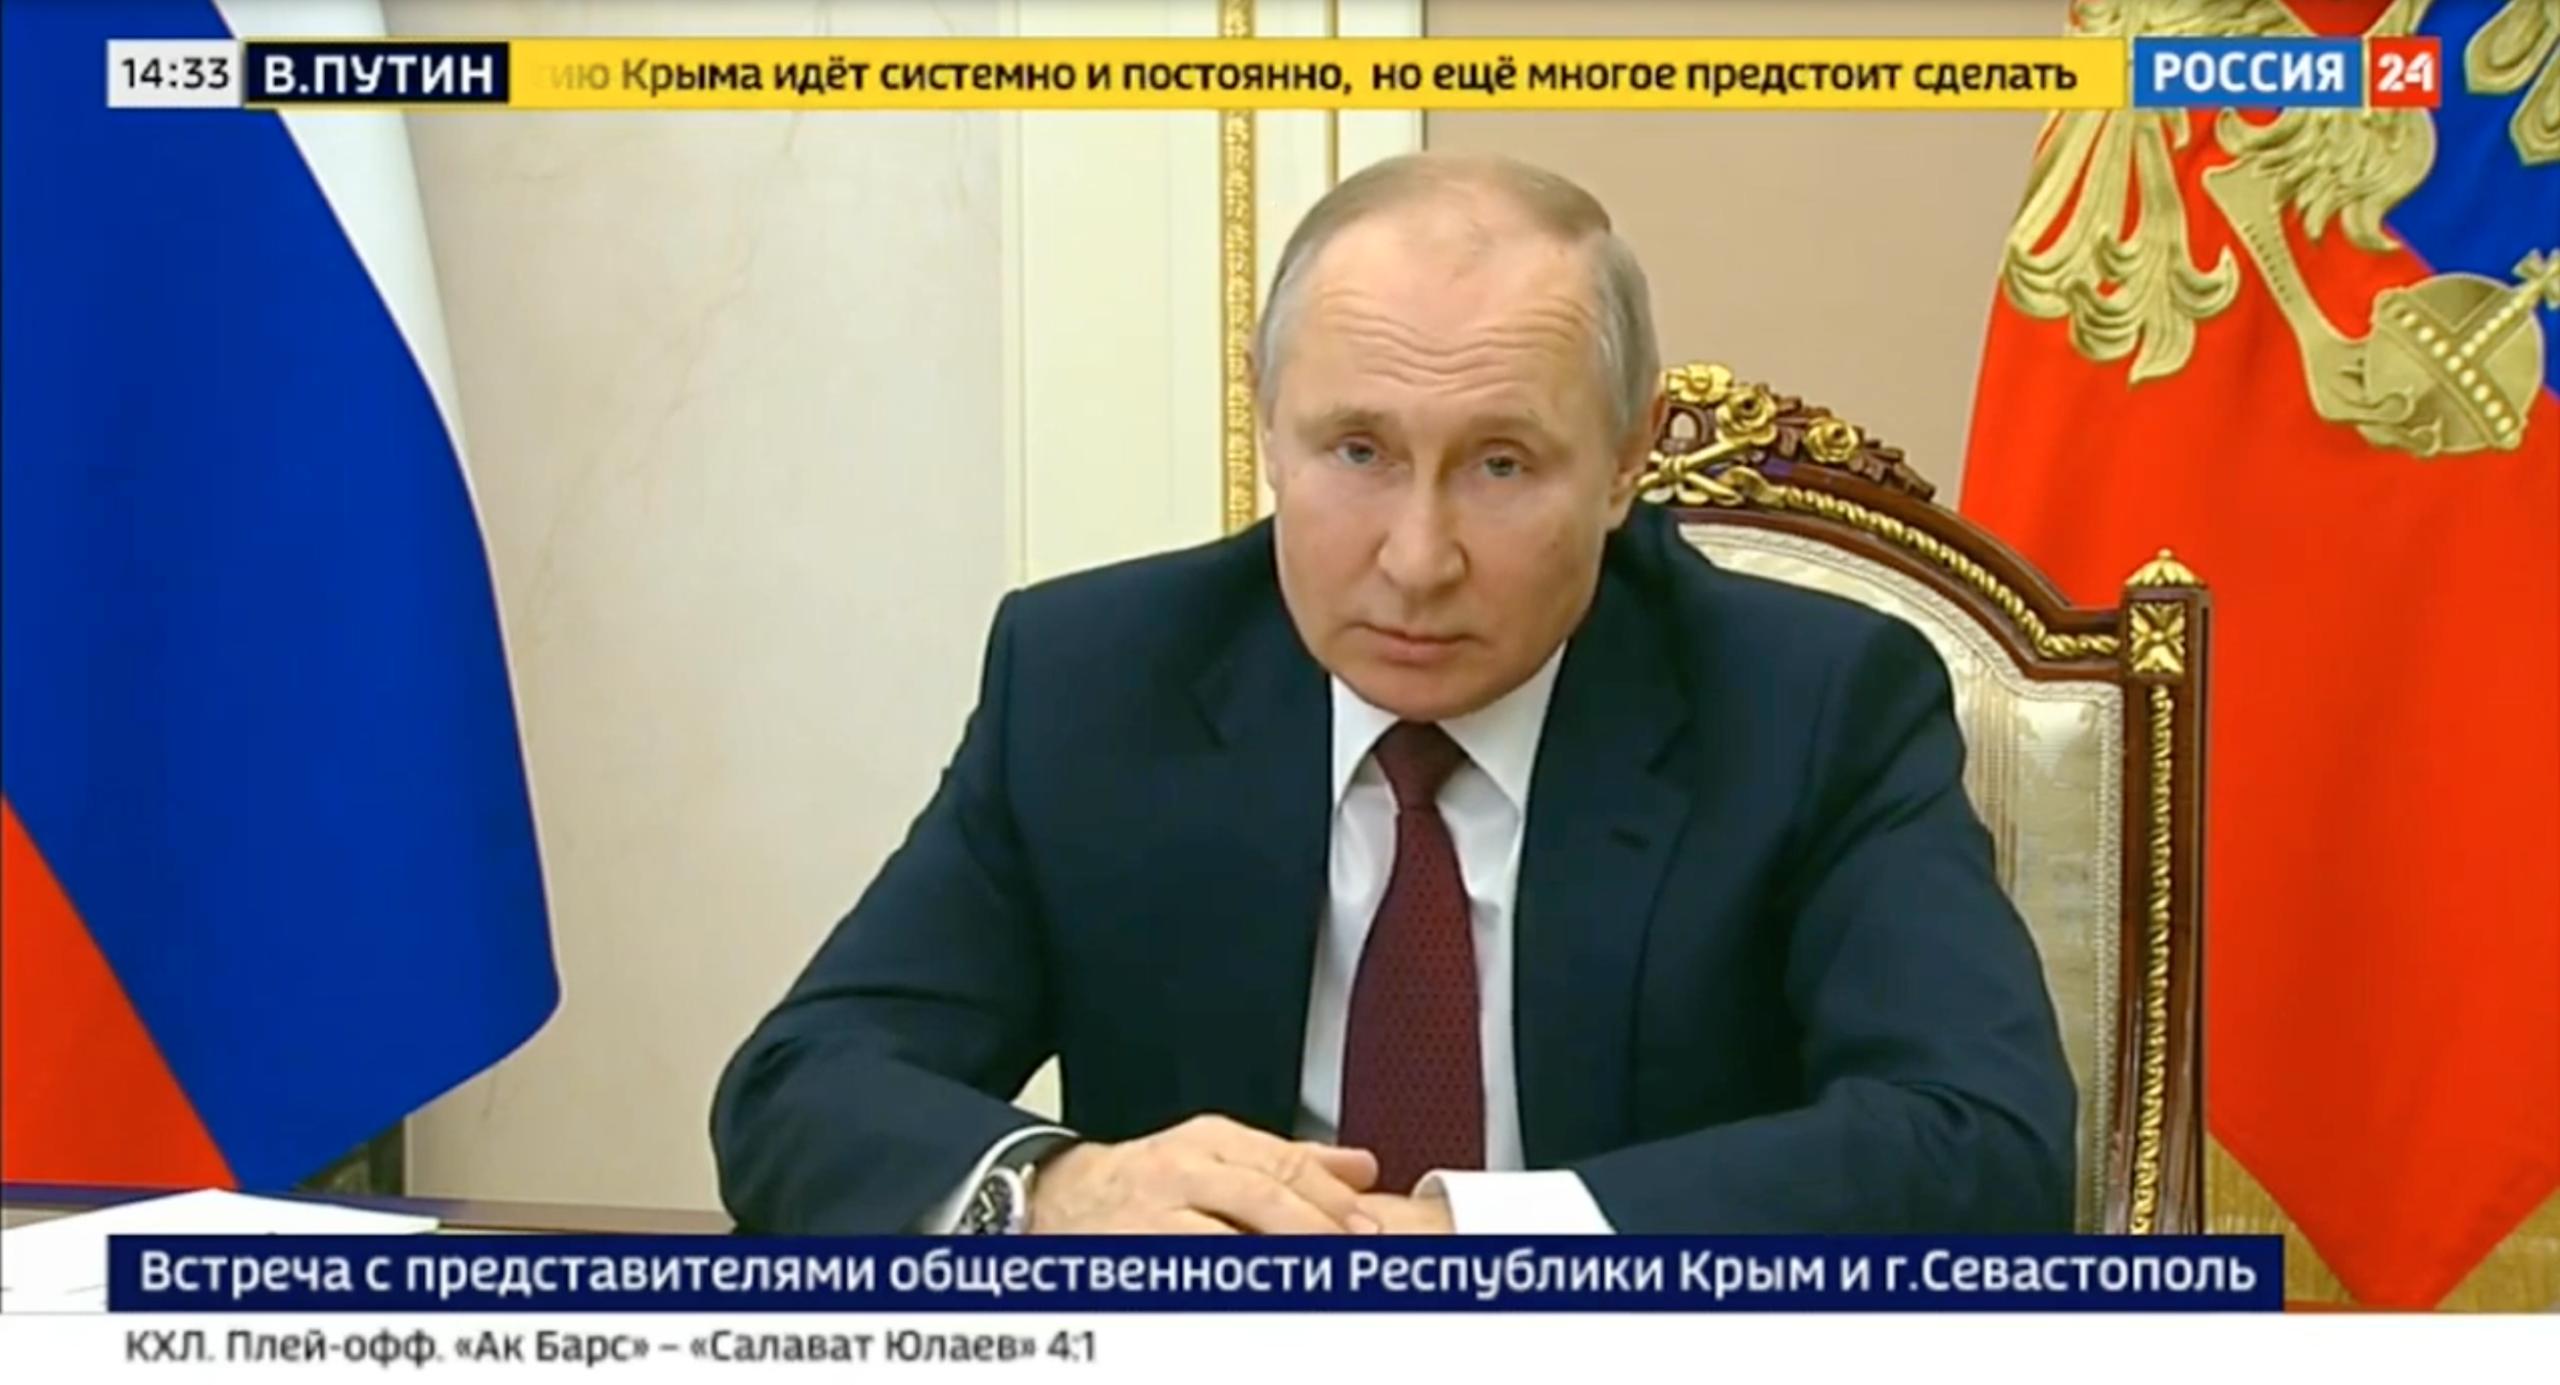 """,,Kto kogo przezywa, ten sam się tak nazywa"""". Biden grozi Rosji, Putin odpowiada"""